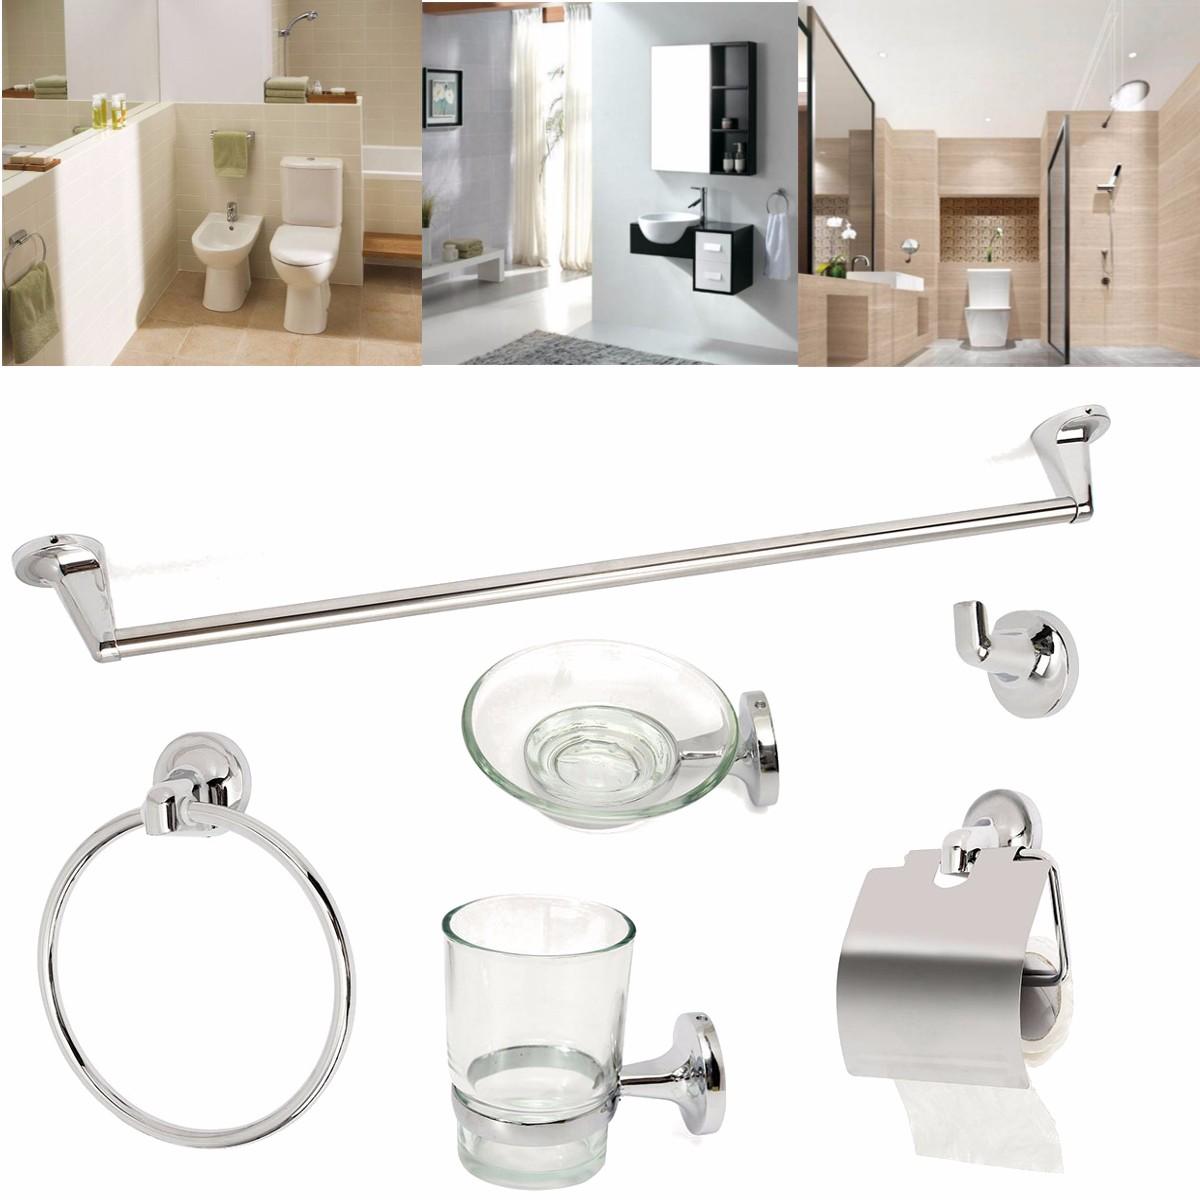 Accessoires Salle De Bain Bathroom ~ salle de bains wc sets accessoires verre porte serviette savon